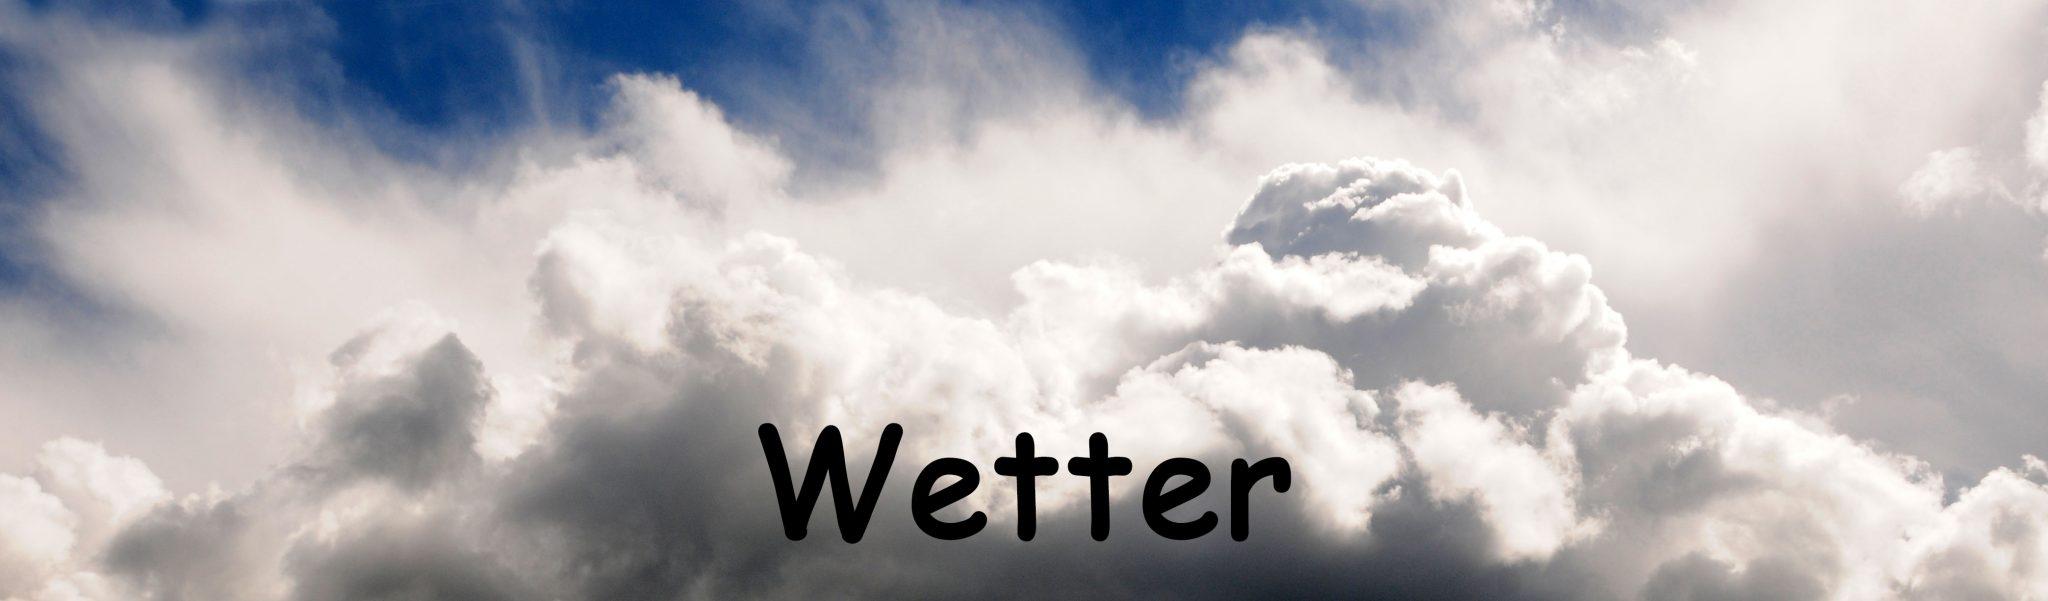 Gleitschirmwetter, Flugwetter Info und Wetterdaten zusammengefasst